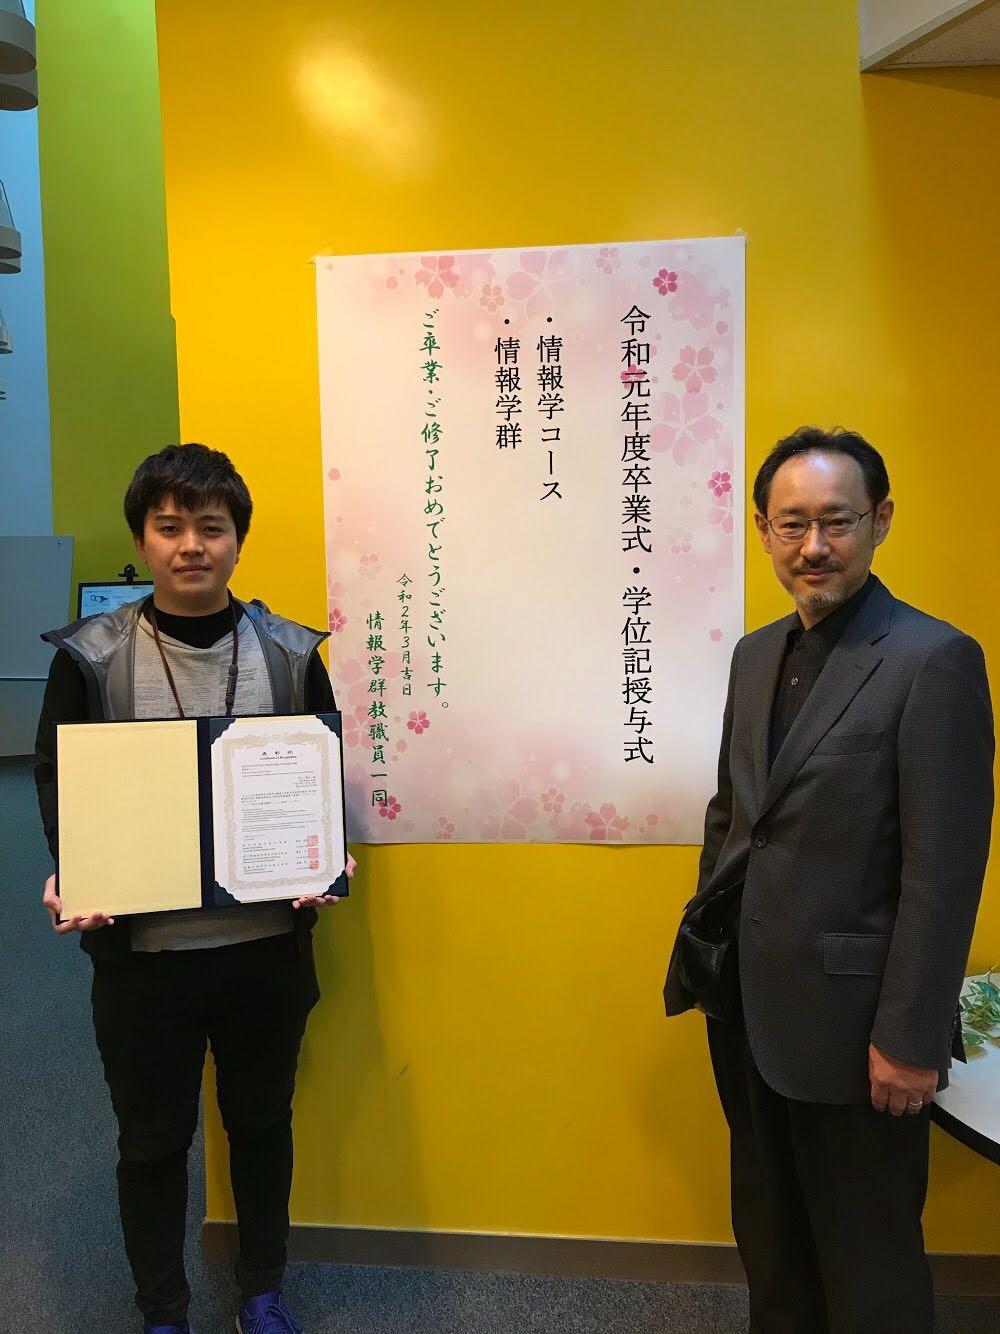 授賞式の様子 井上先輩(画像左)と敷田先生(画像右)